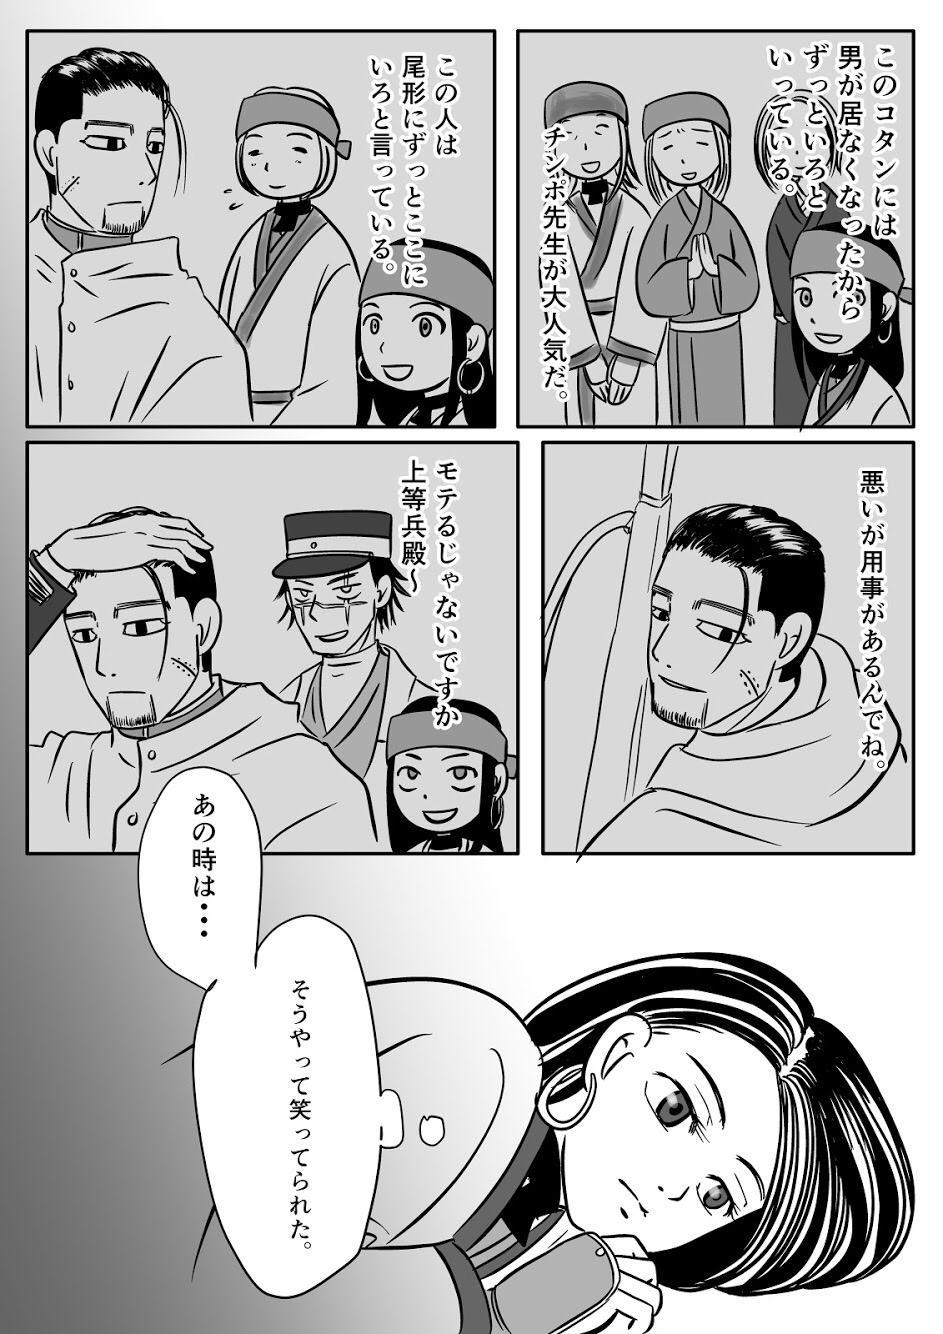 Toko no Koto 1